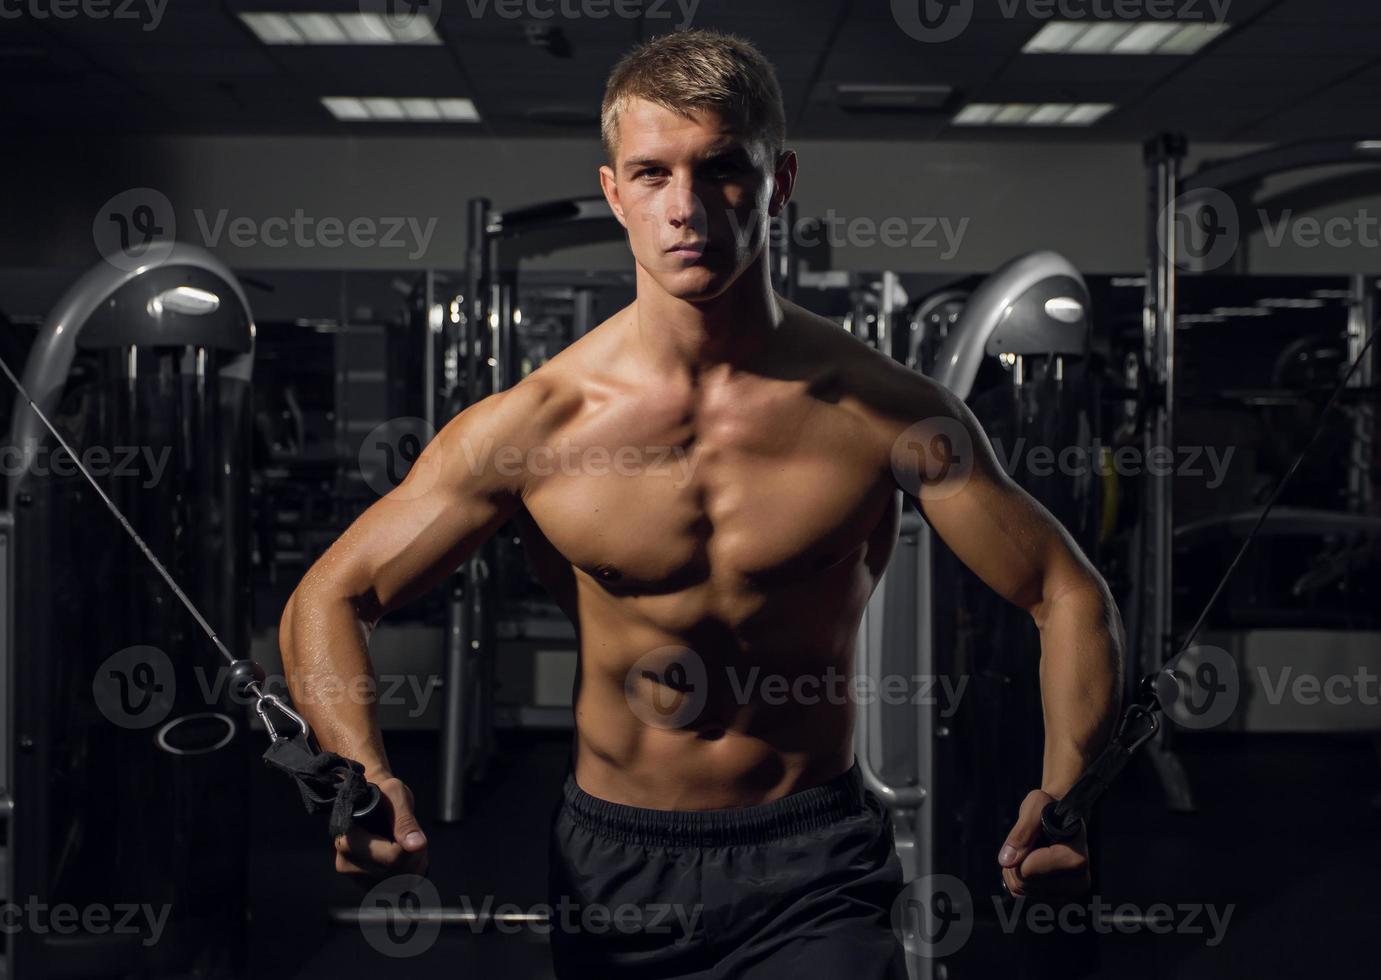 jovem Atlético, bombeando os músculos no cruzamento foto